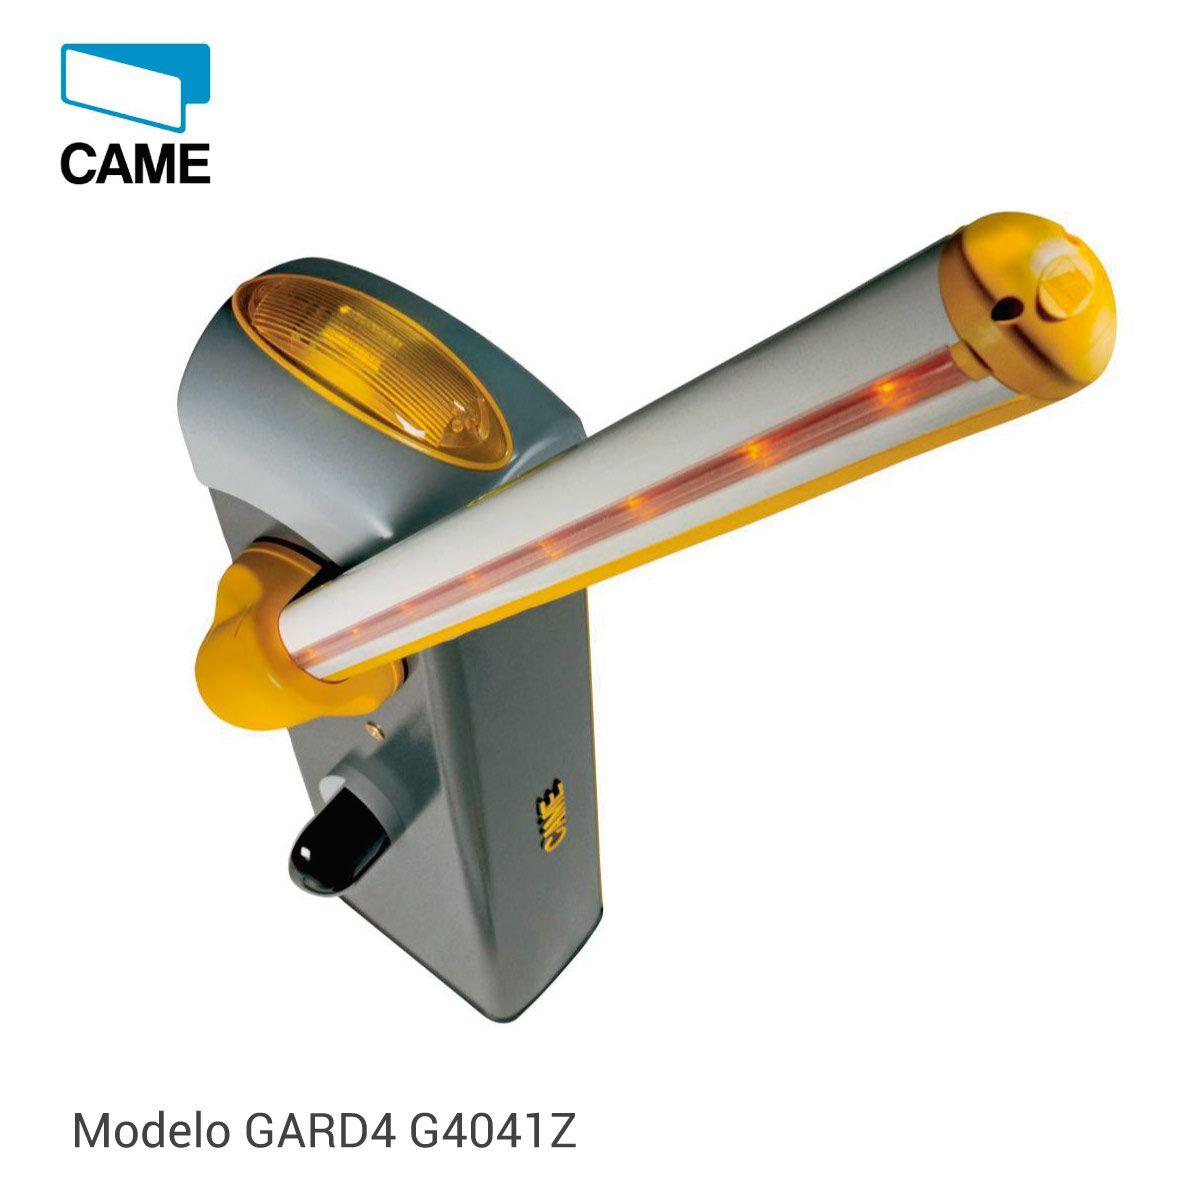 Cancela Controle de Acesso Gard 4 com 4 mt Came  - GO AUTOMAÇÃO